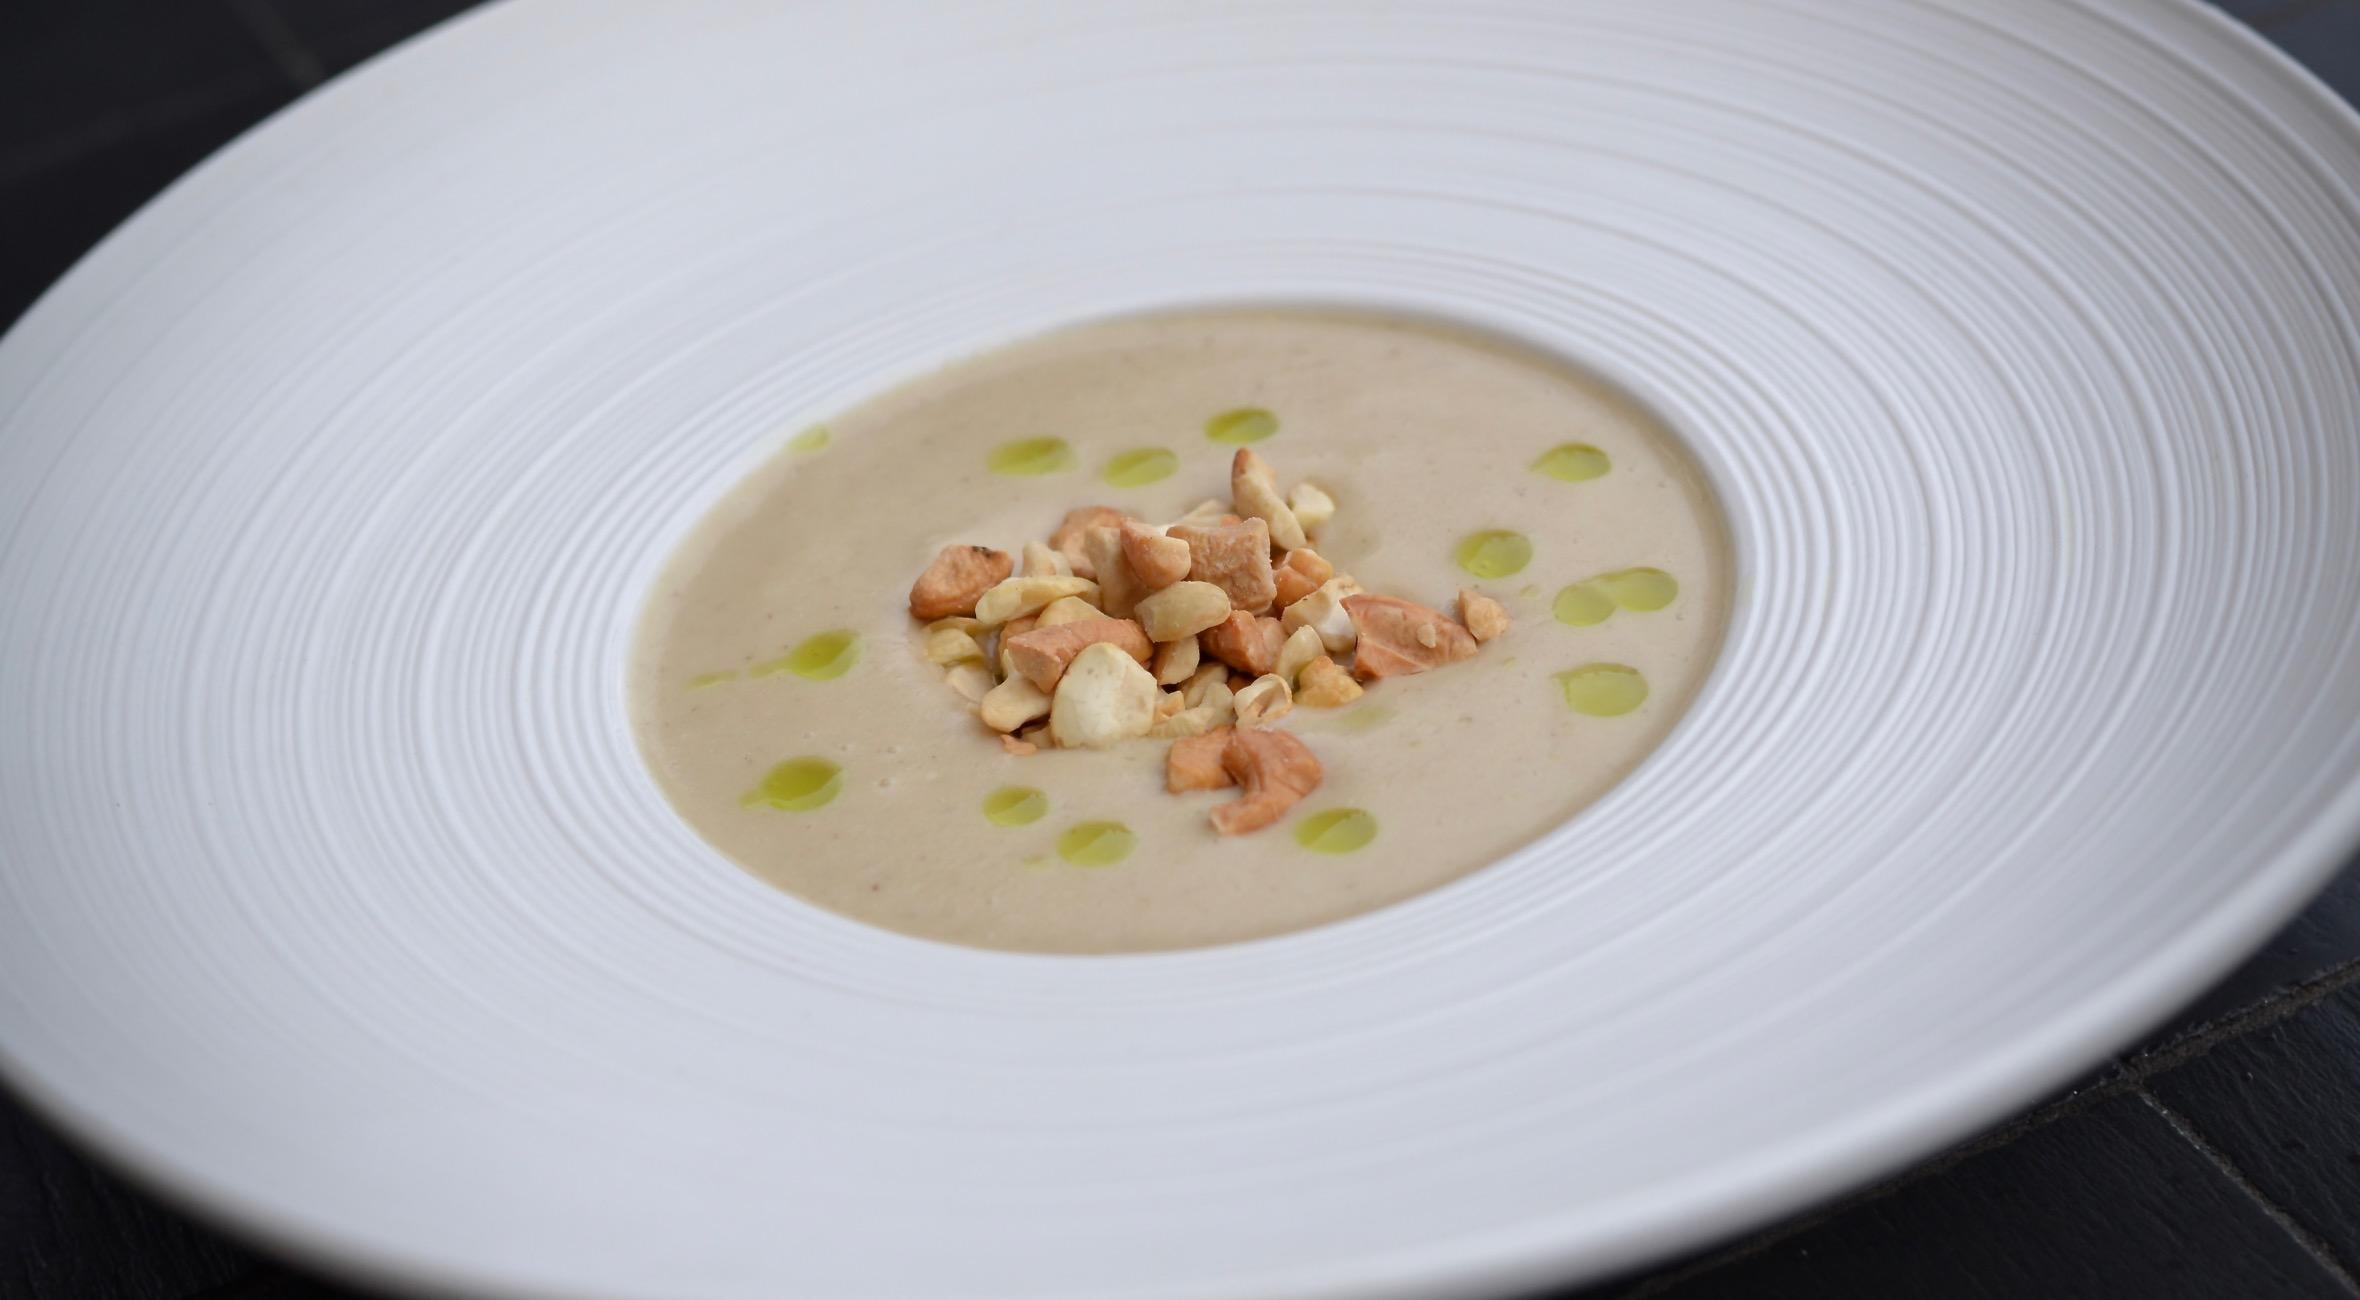 4-retters gourmet-middag hos Restaurant Aristo – Få cremet jordskokkesuppe, sortfodsskinke ...